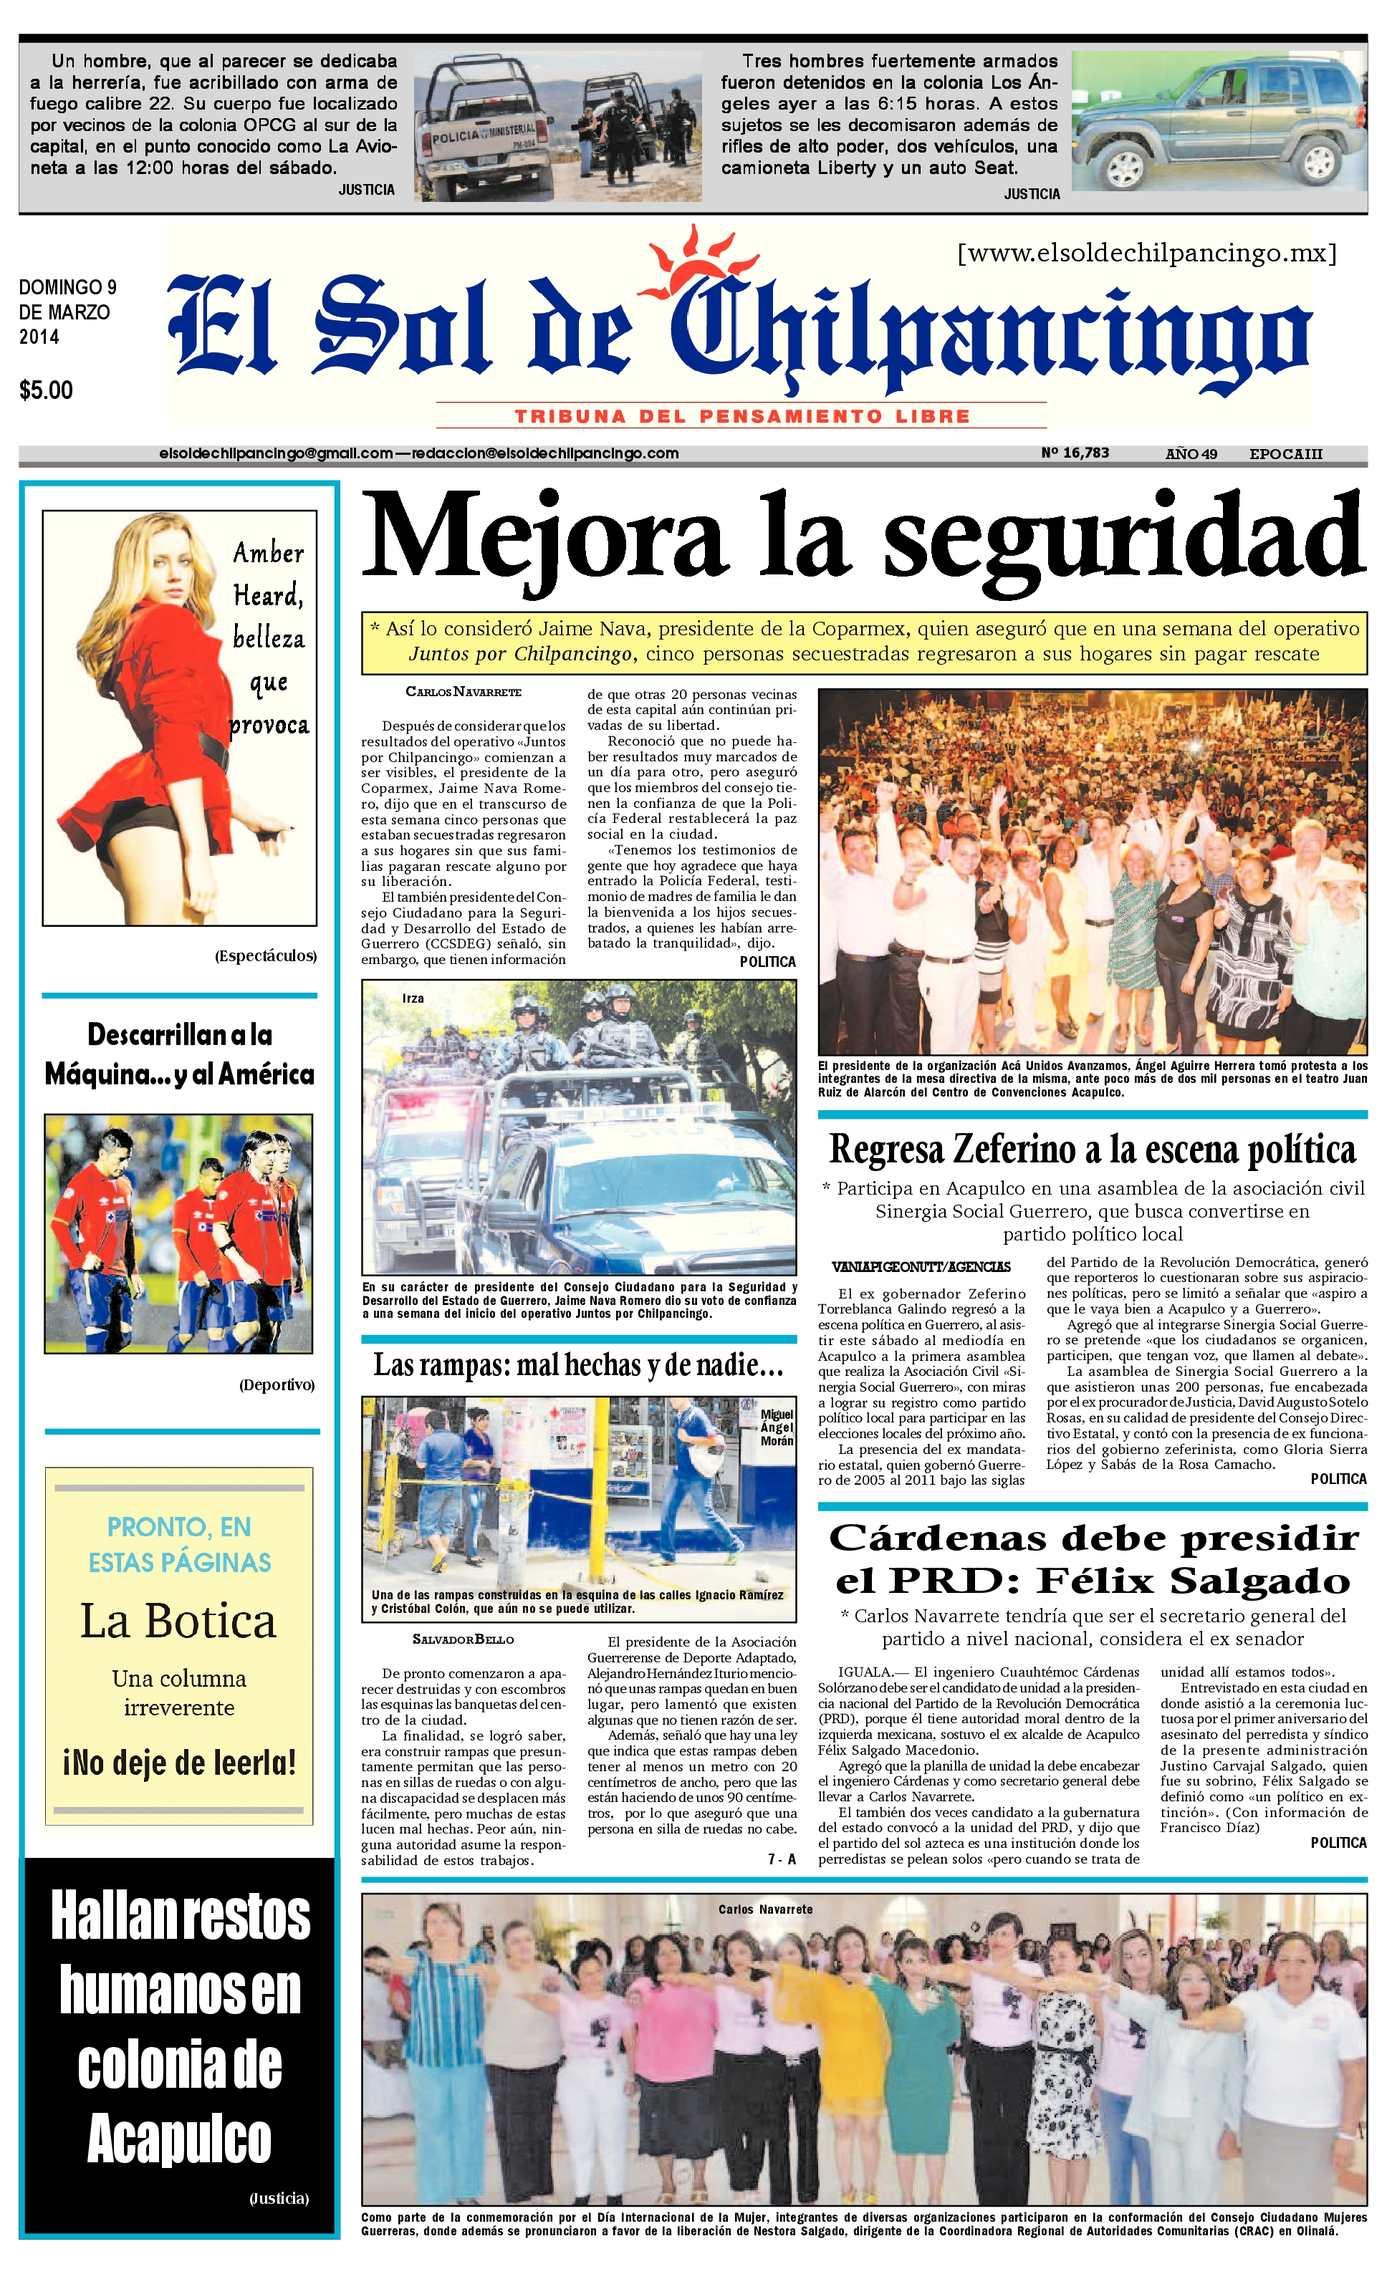 Calaméo - El Sol de Chilpancingo 9 Marzo 2014